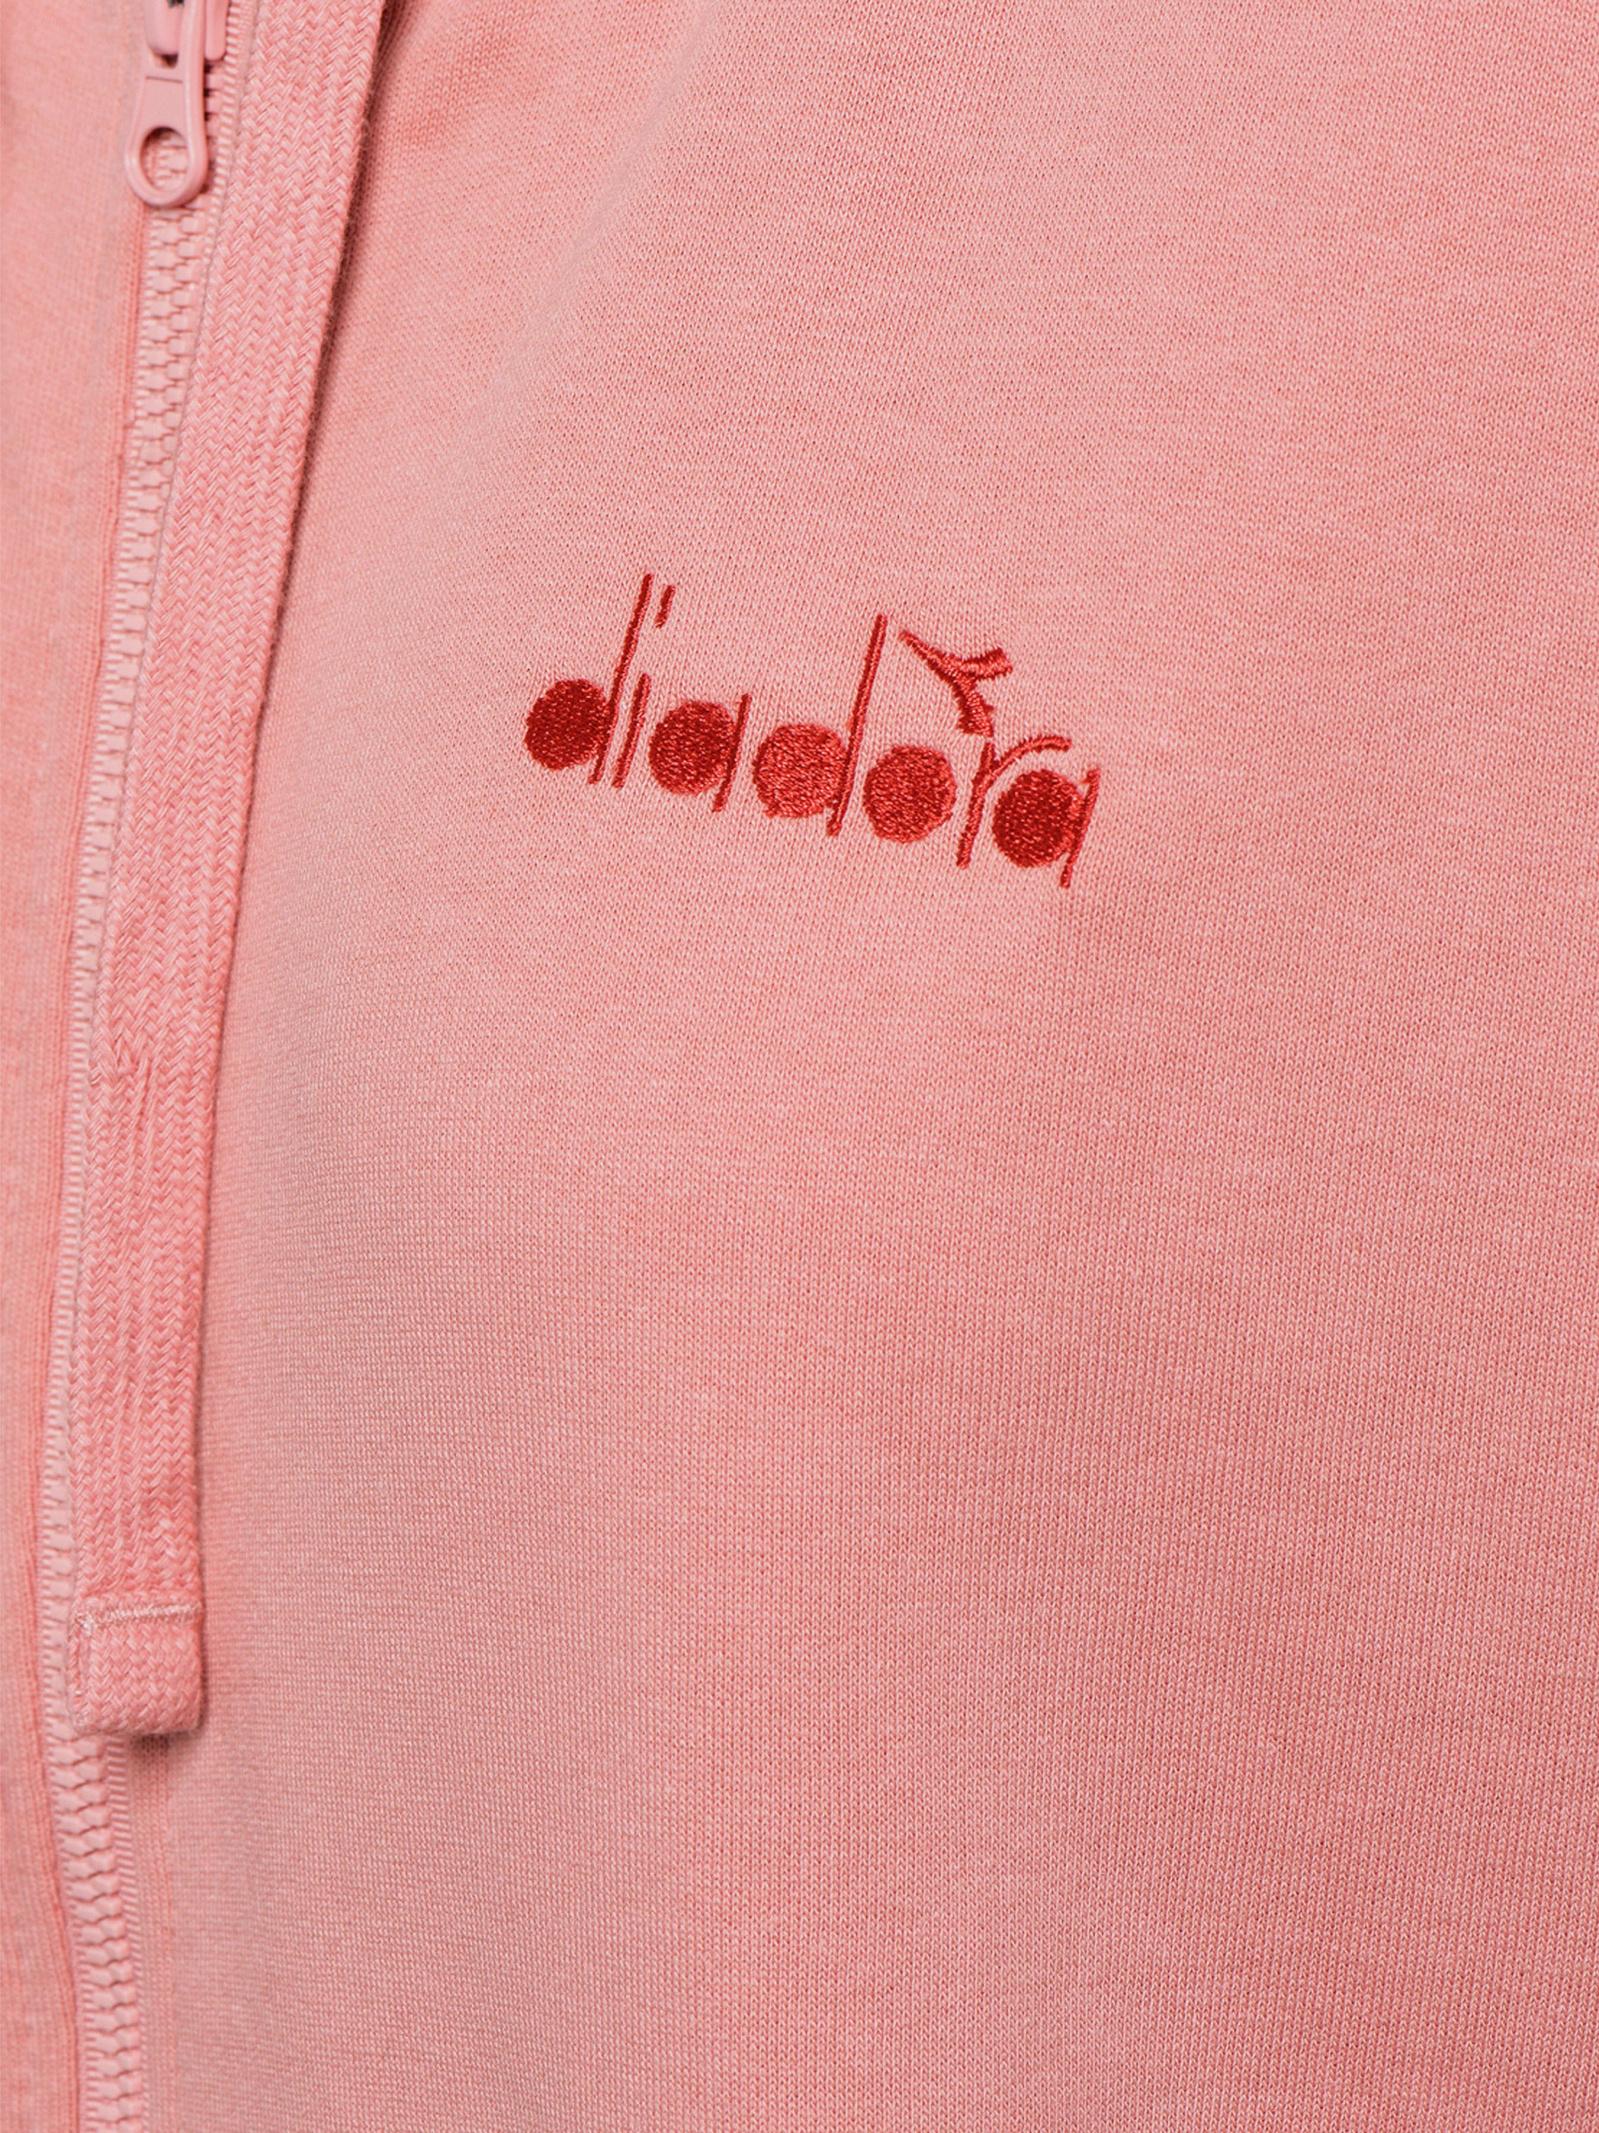 DIADORA Кофти та светри жіночі модель 102.175871.50119 придбати, 2017